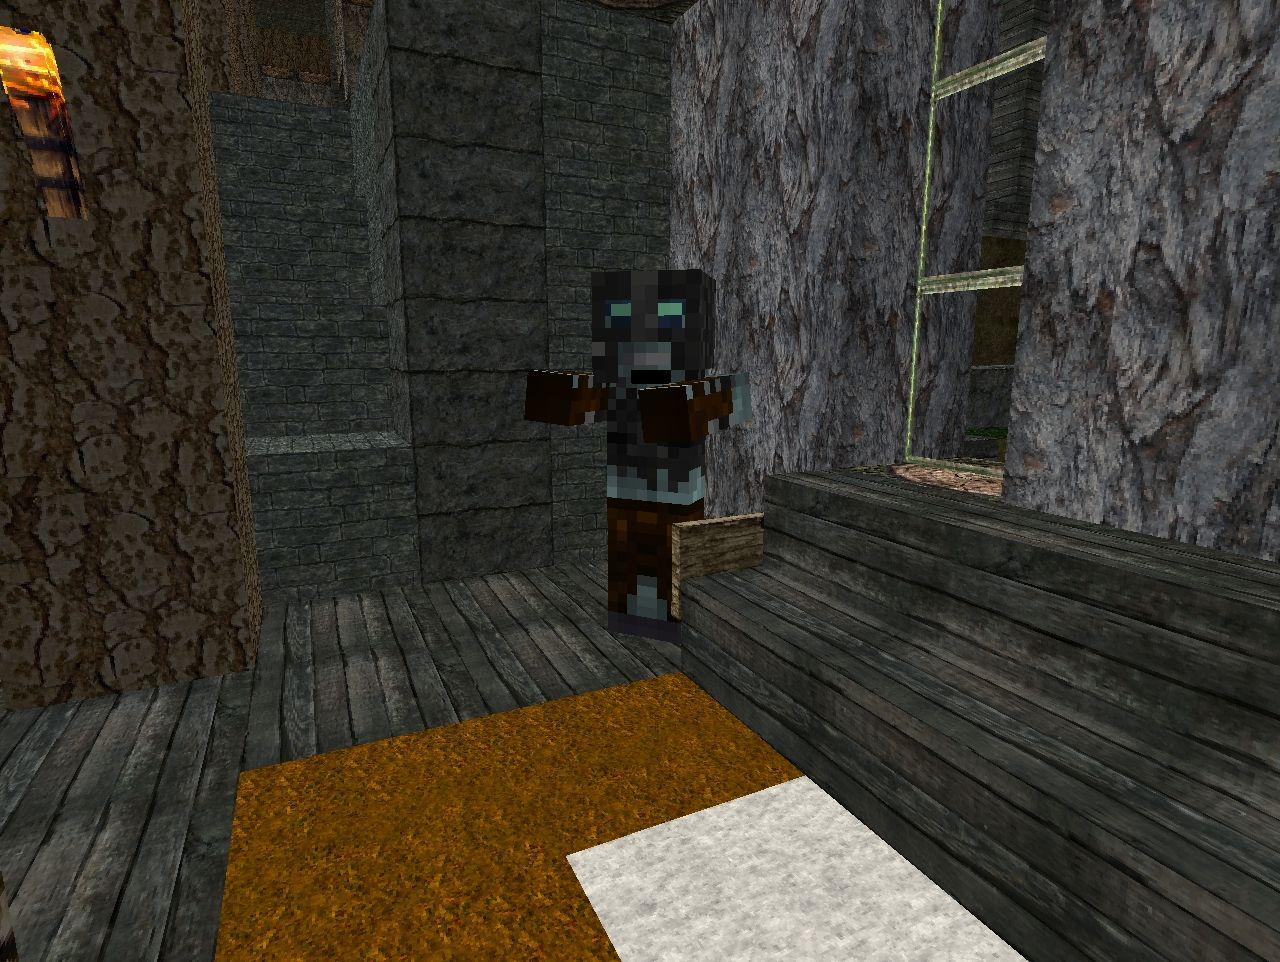 http://minecraft-forum.net/wp-content/uploads/2013/07/f5e60__Skyrimcraft-texture-pack-5.jpg